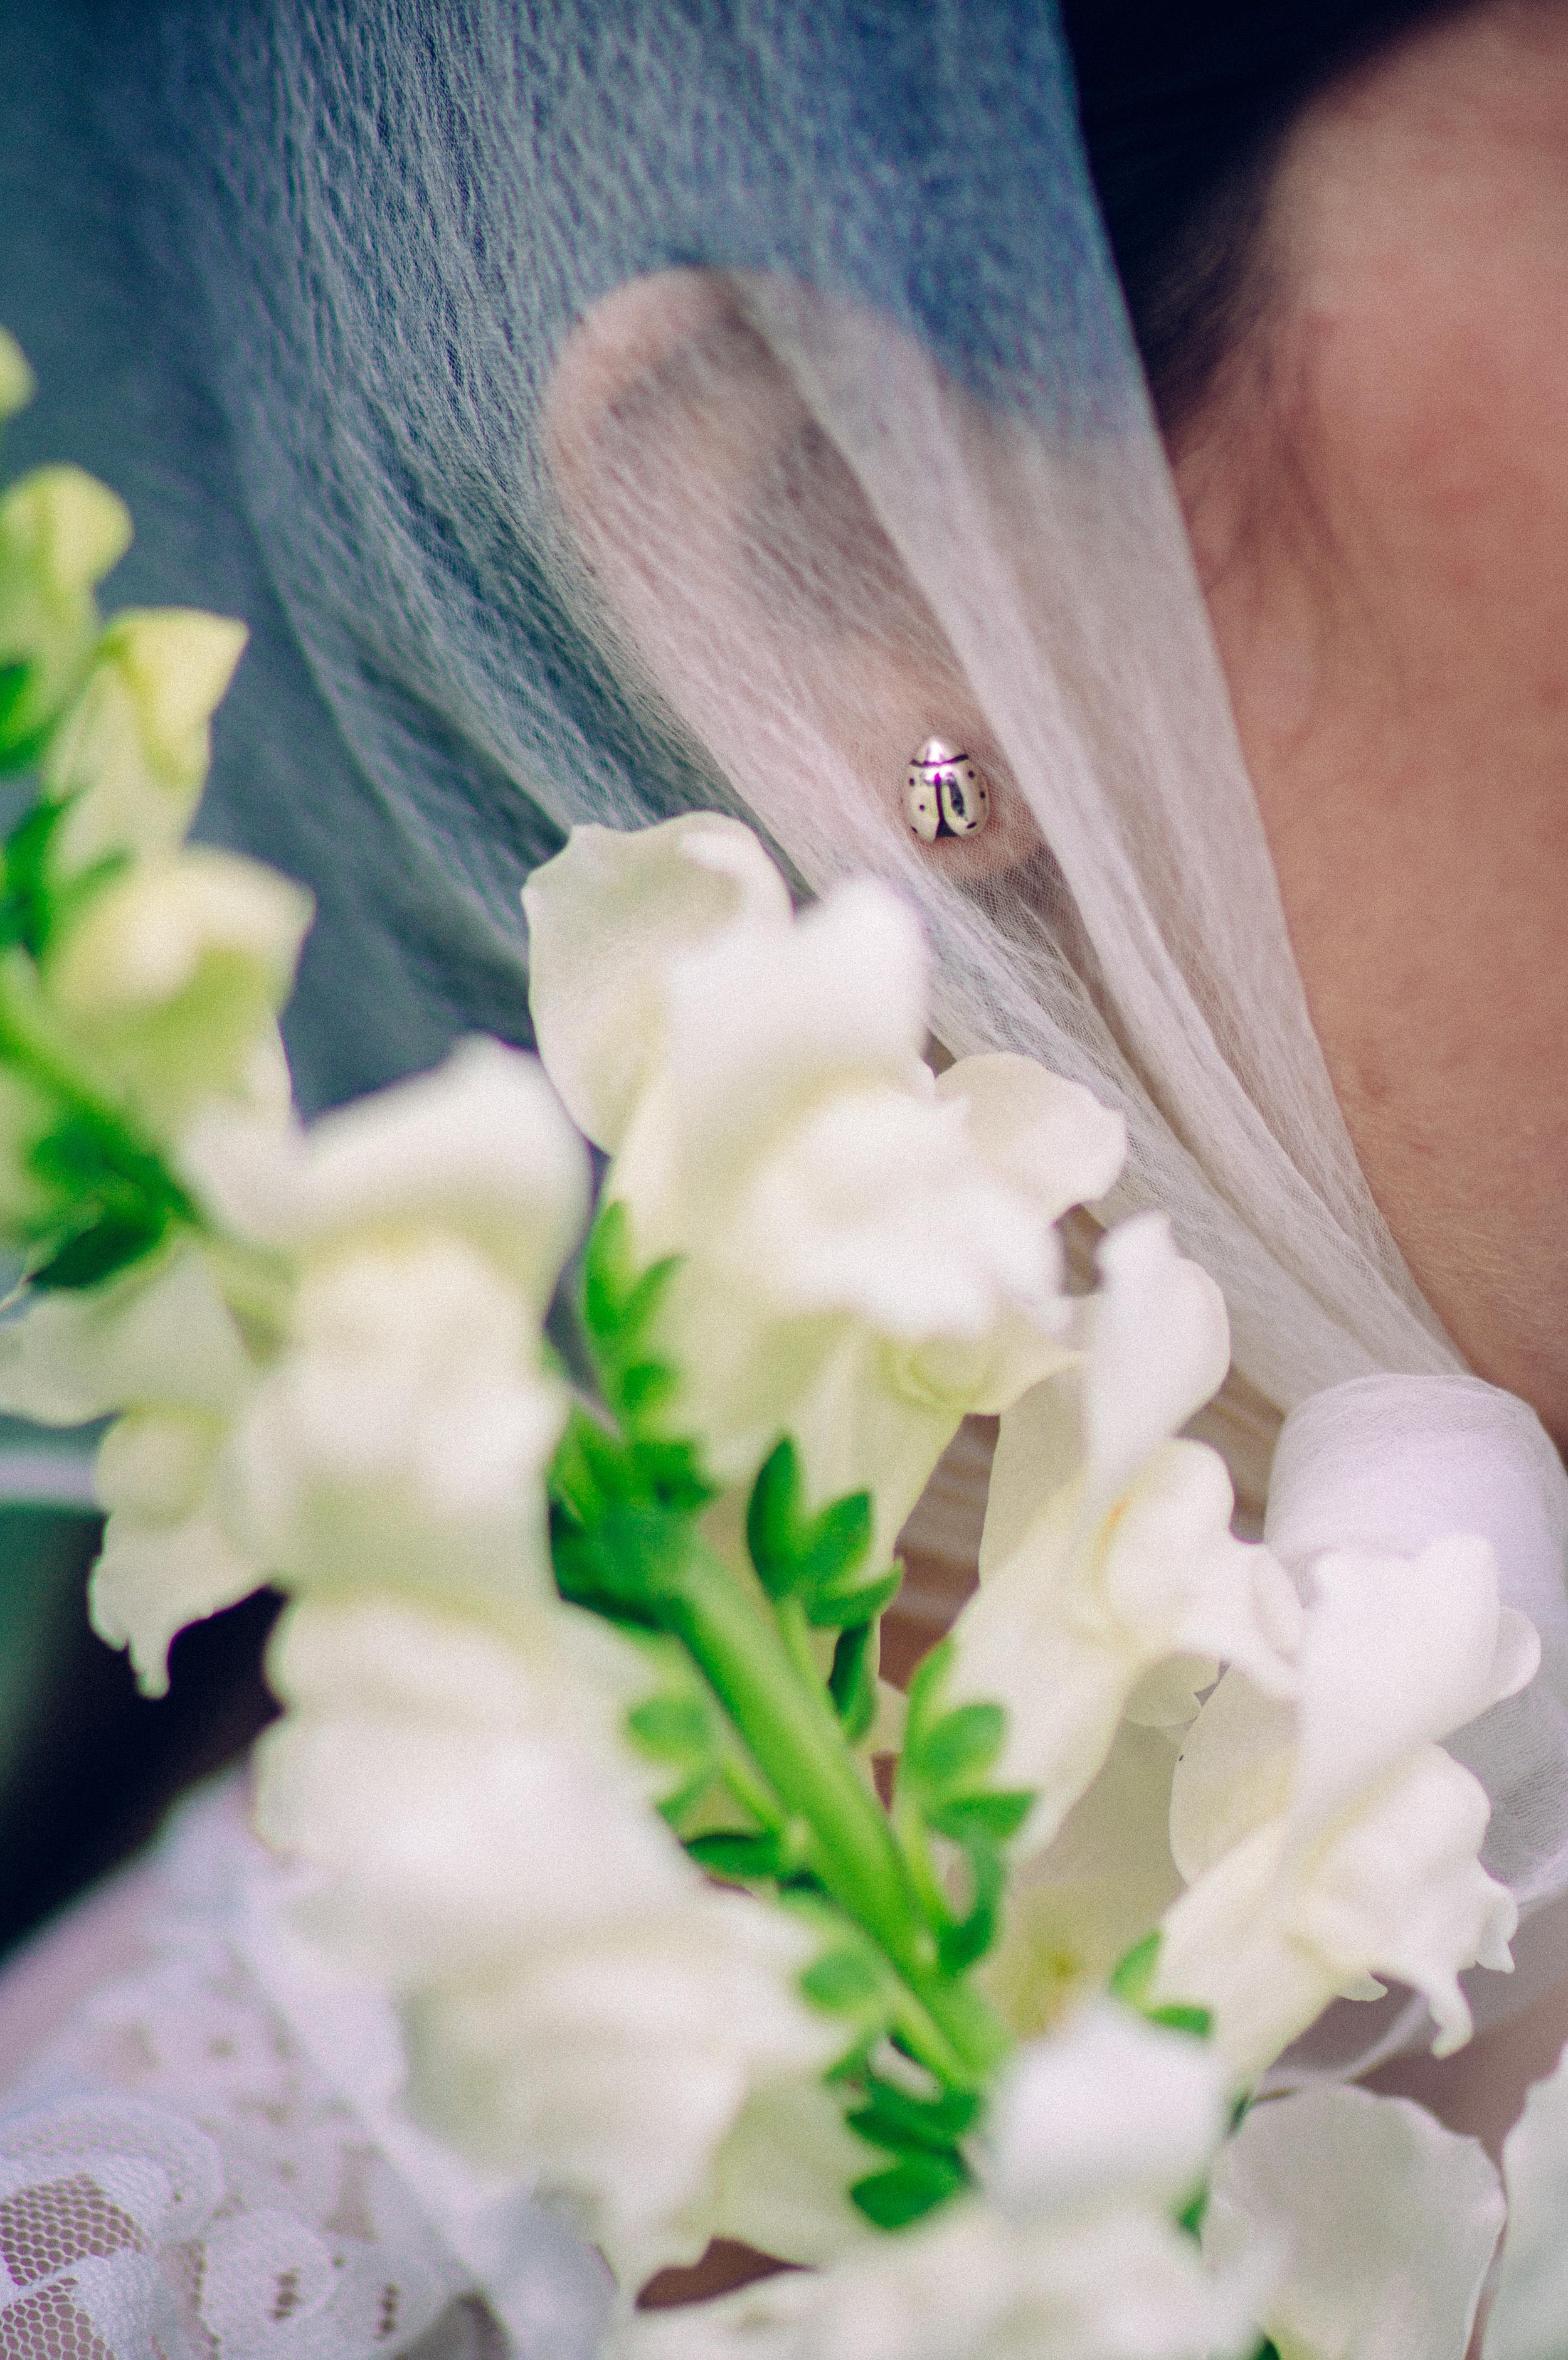 mw-ladybugEarring-silver-lookbook-2.jpg